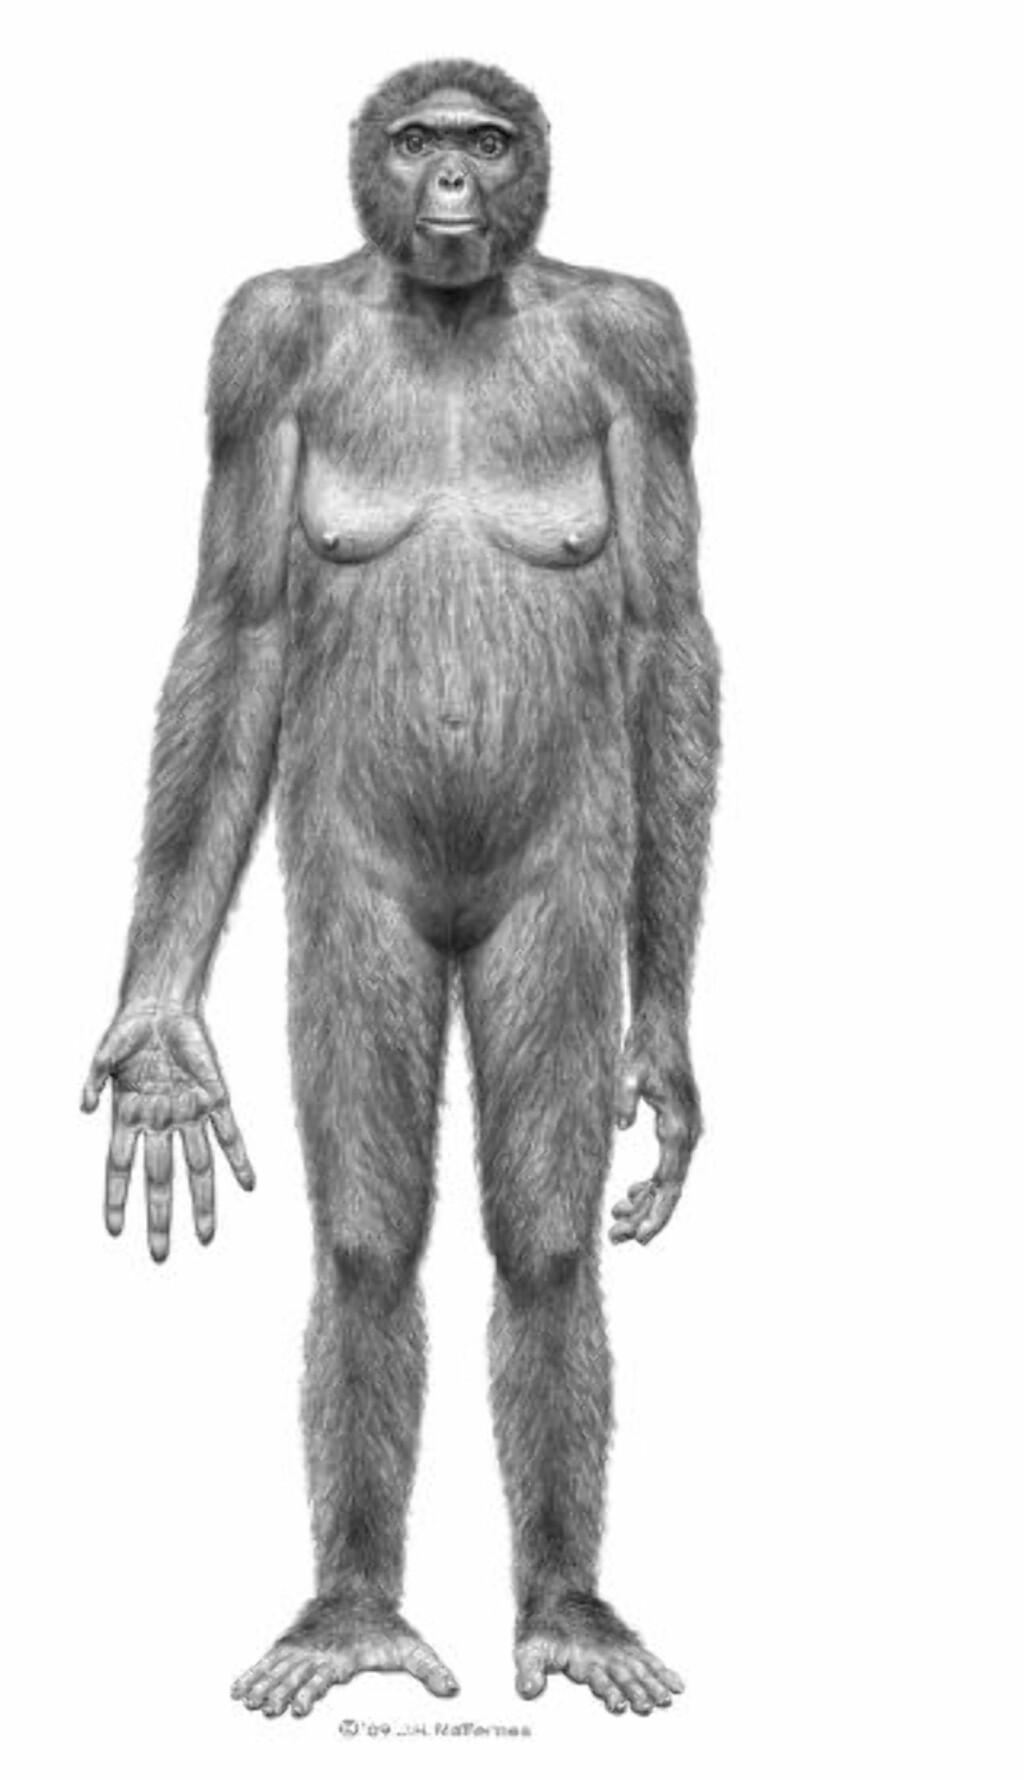 APEMENNESKE: Forskerne mener Ardi er et bevis på at mennesket ikke stammer fra apene, men at vi har samme stamfar. De to artene skal så ha utviklet seg vekk fra hverandre. Forskerne mener Ardi er det nærmeste vi så langt kommer en felles stammor. Foto: Reuters